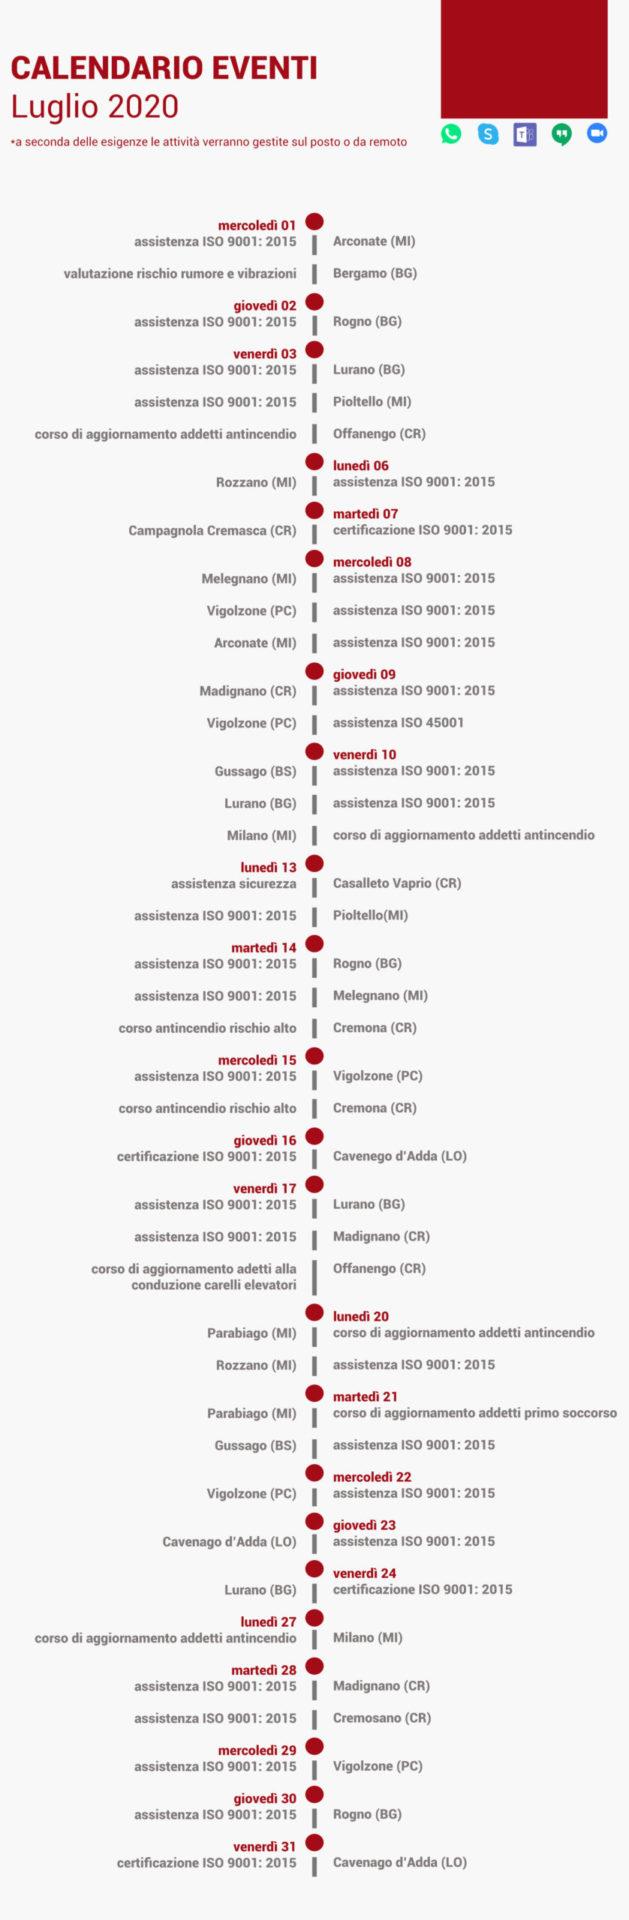 calendario, eventi, luglio, 2020